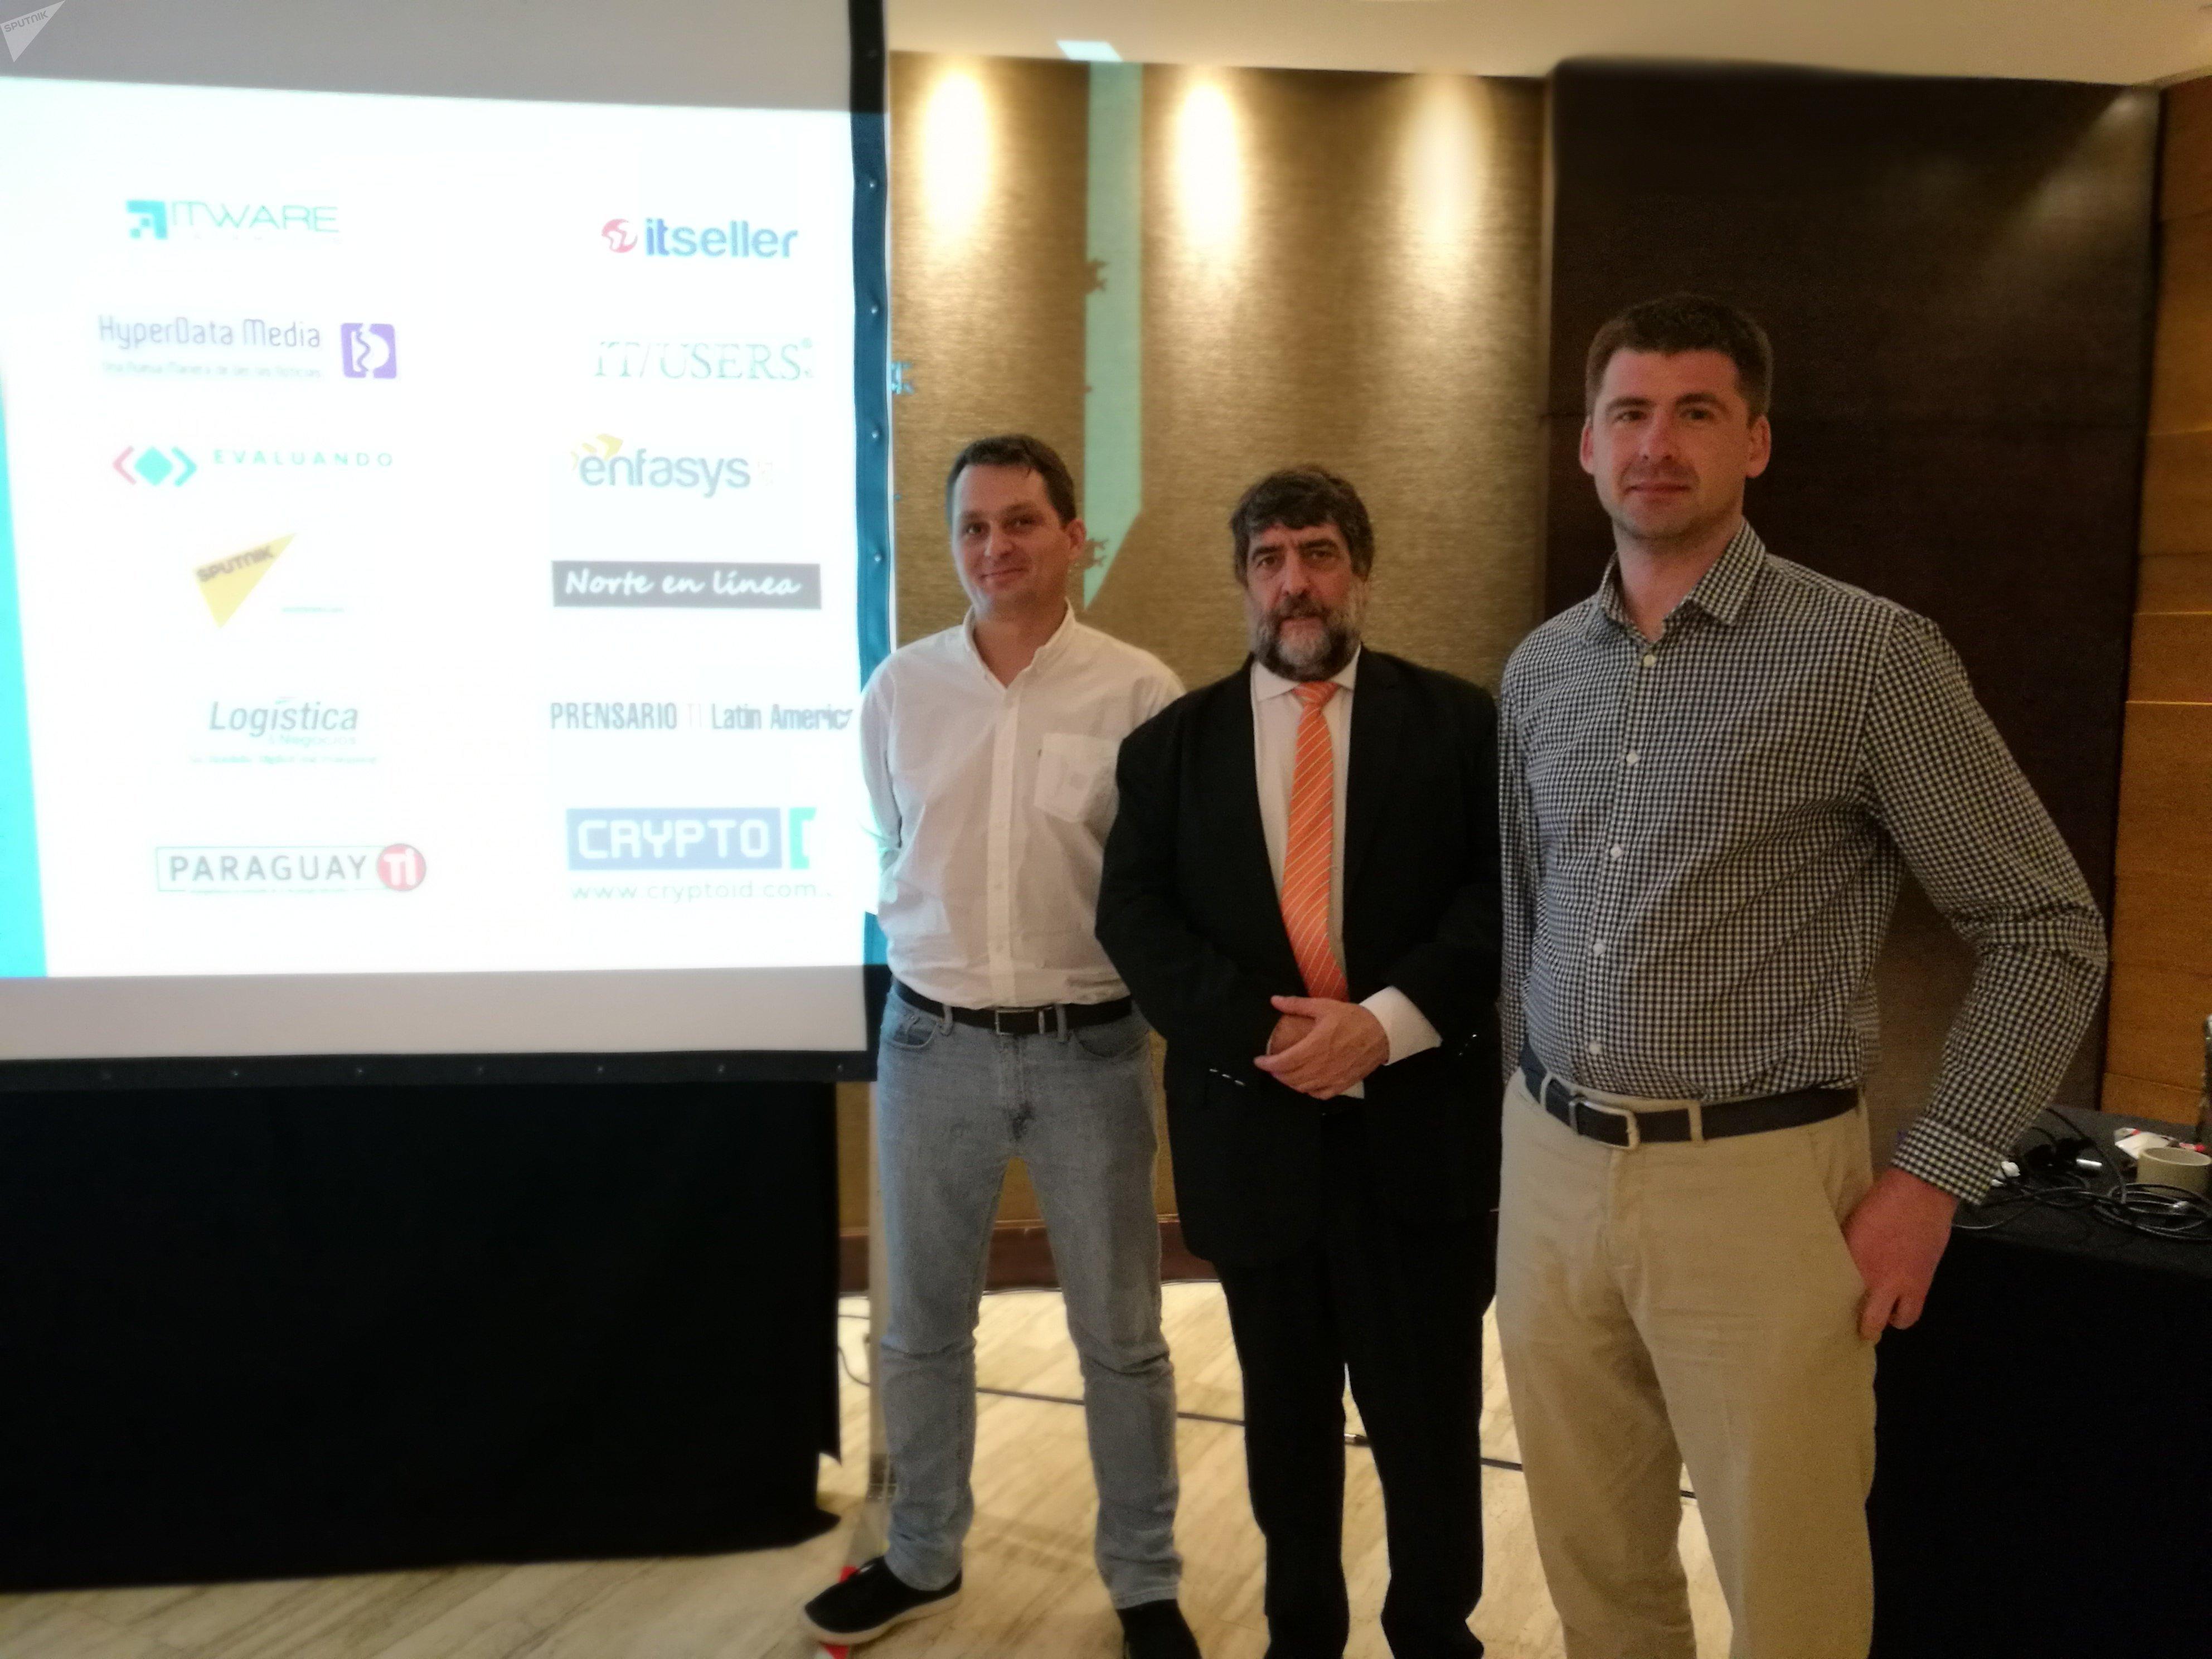 Vladimir Prestes, director de SearchInform Brasil; Ricardo Martínez, gerente regional de SearchInform y jefe de la representación en Argentina; Serguéi Ozhegov, director general de SearchInform, en la conferencia de Buenos Aires.